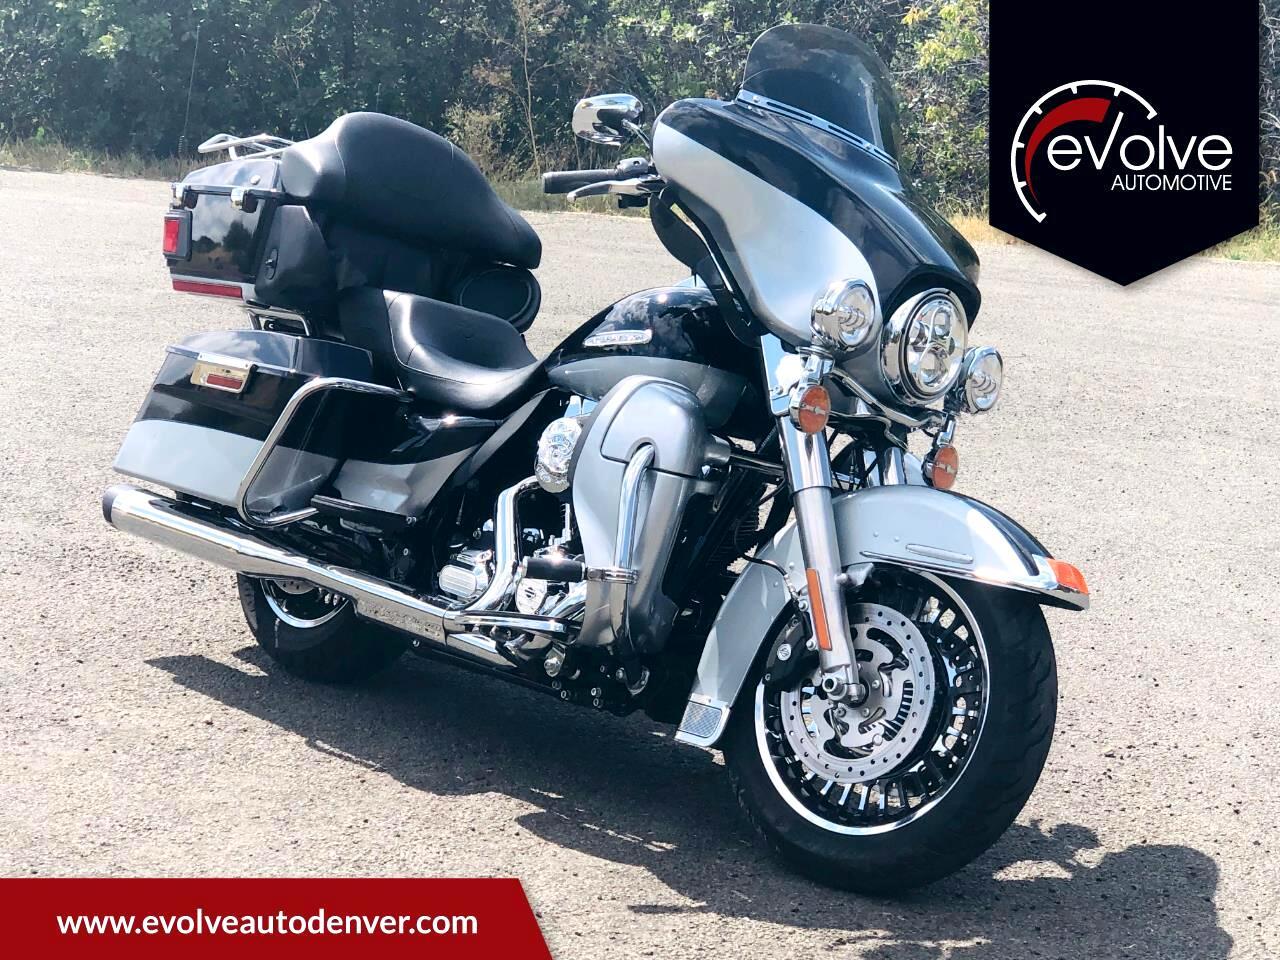 2012 Harley-Davidson FLHTK Electra Glide Limited